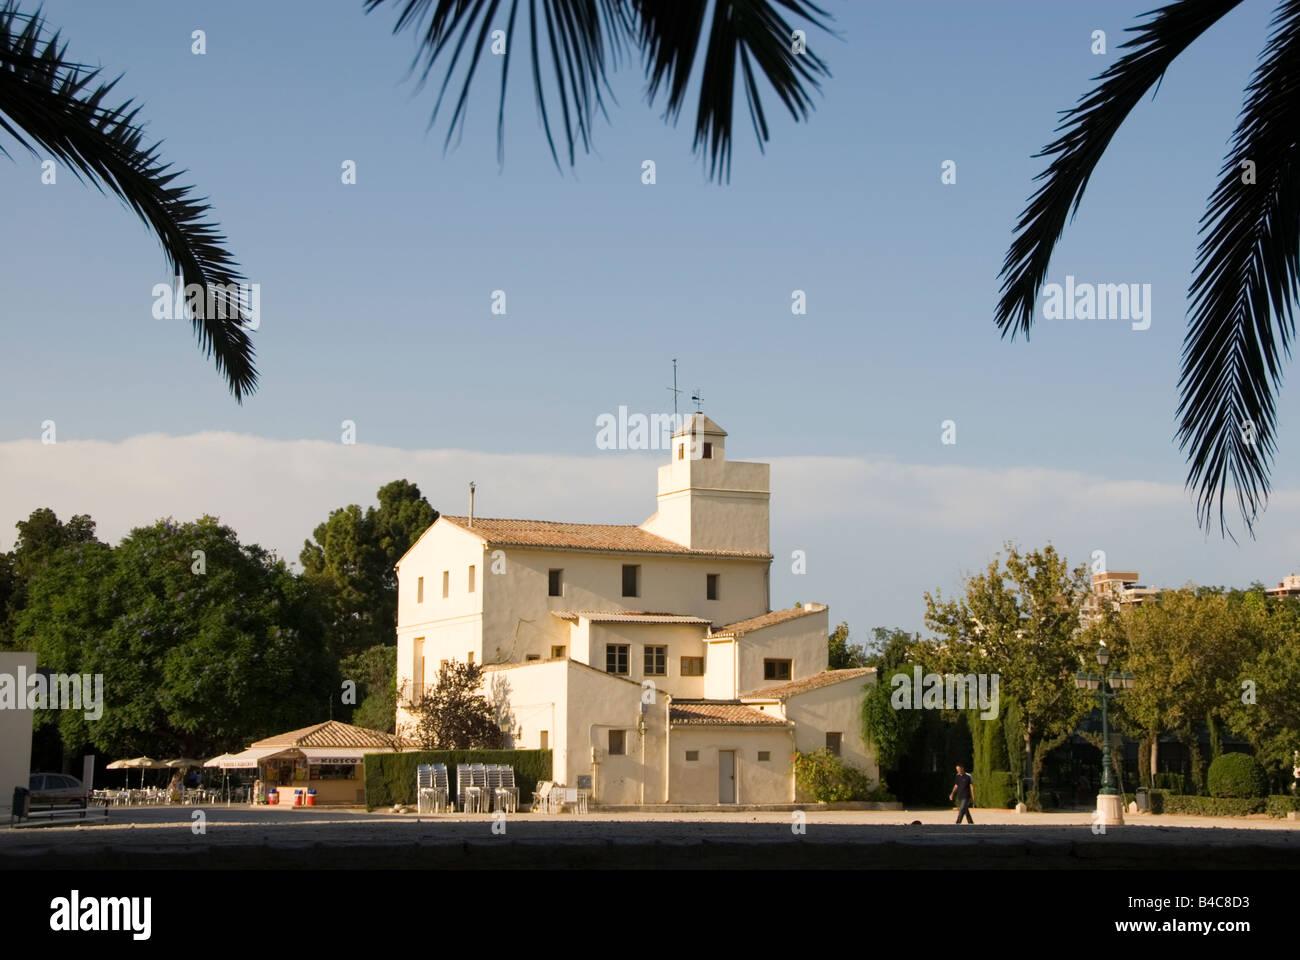 Central square of Jardin del Real Viveros in Valencia Spain - Stock Image